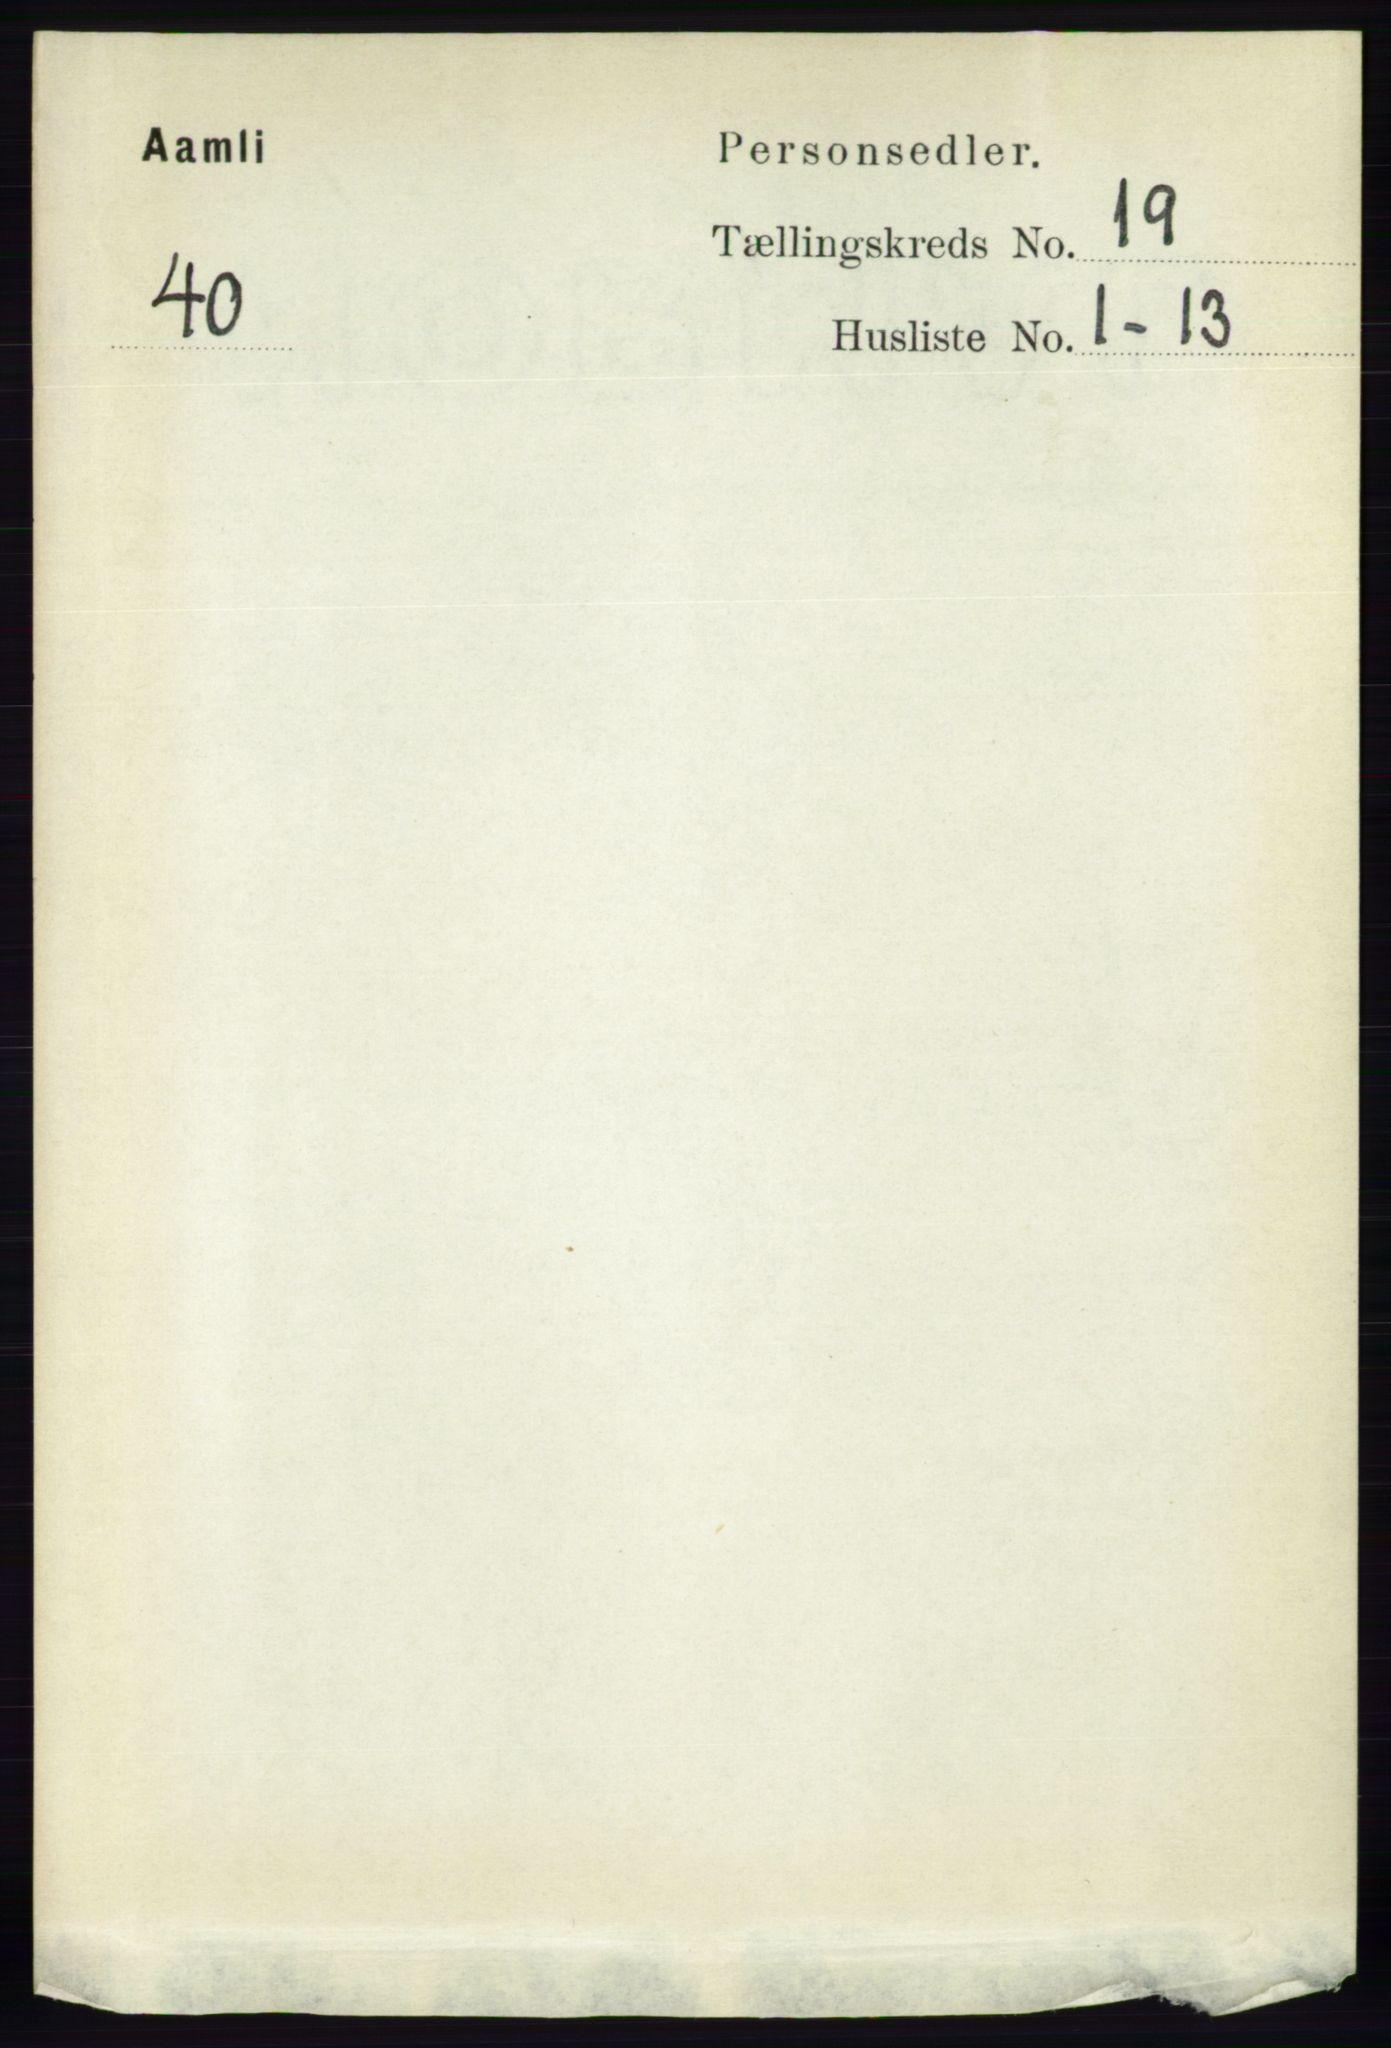 RA, Folketelling 1891 for 0929 Åmli herred, 1891, s. 3141